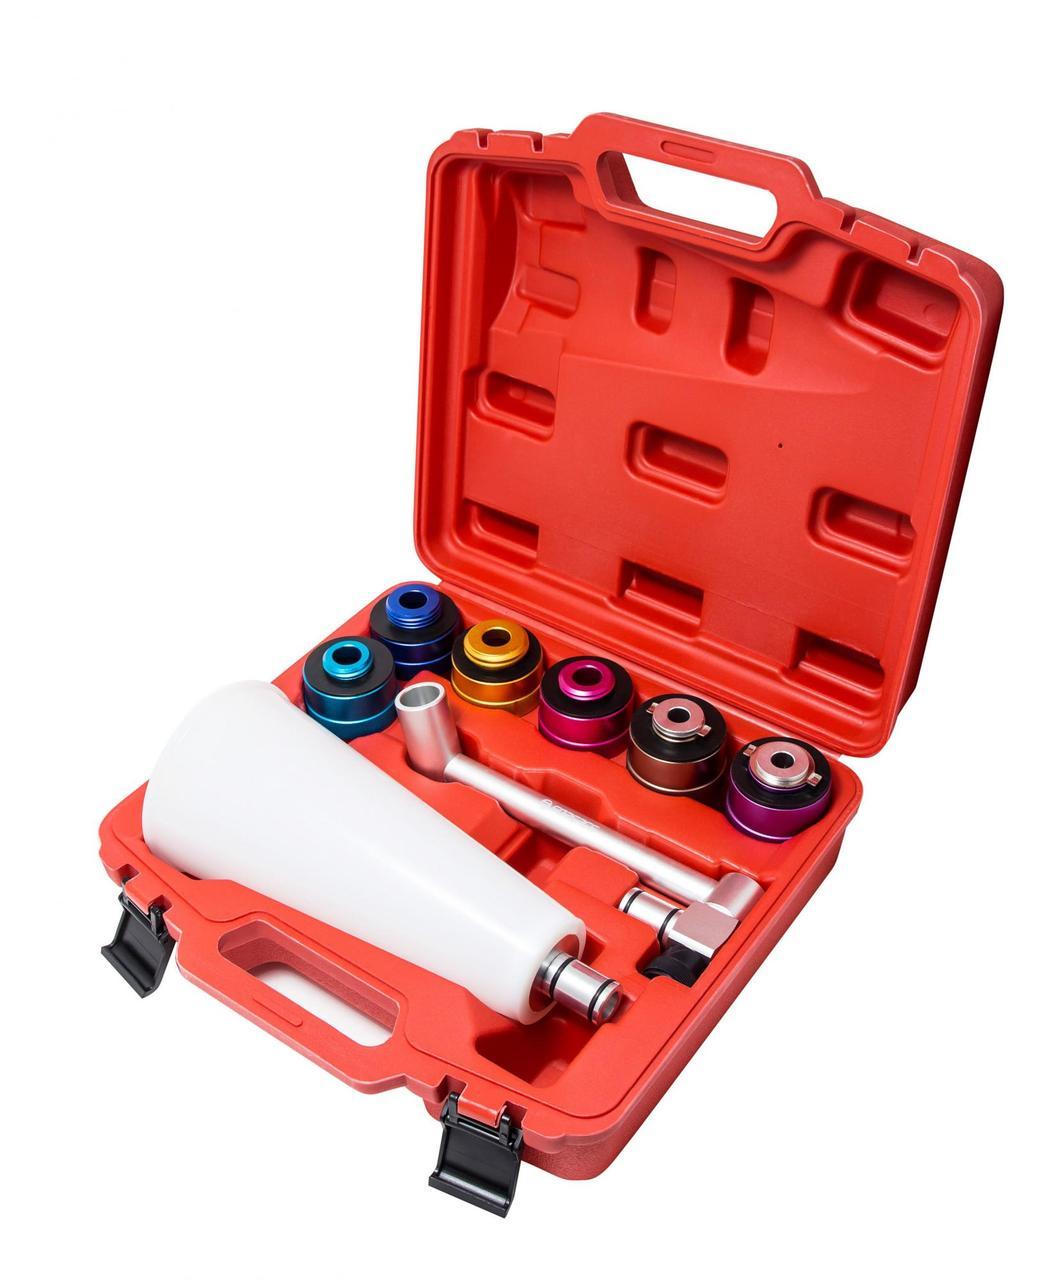 Forsage Воронка для заливки масла в двигатель а/м с металлическими адаптерами, 8 предметов, в кейсе Forsage